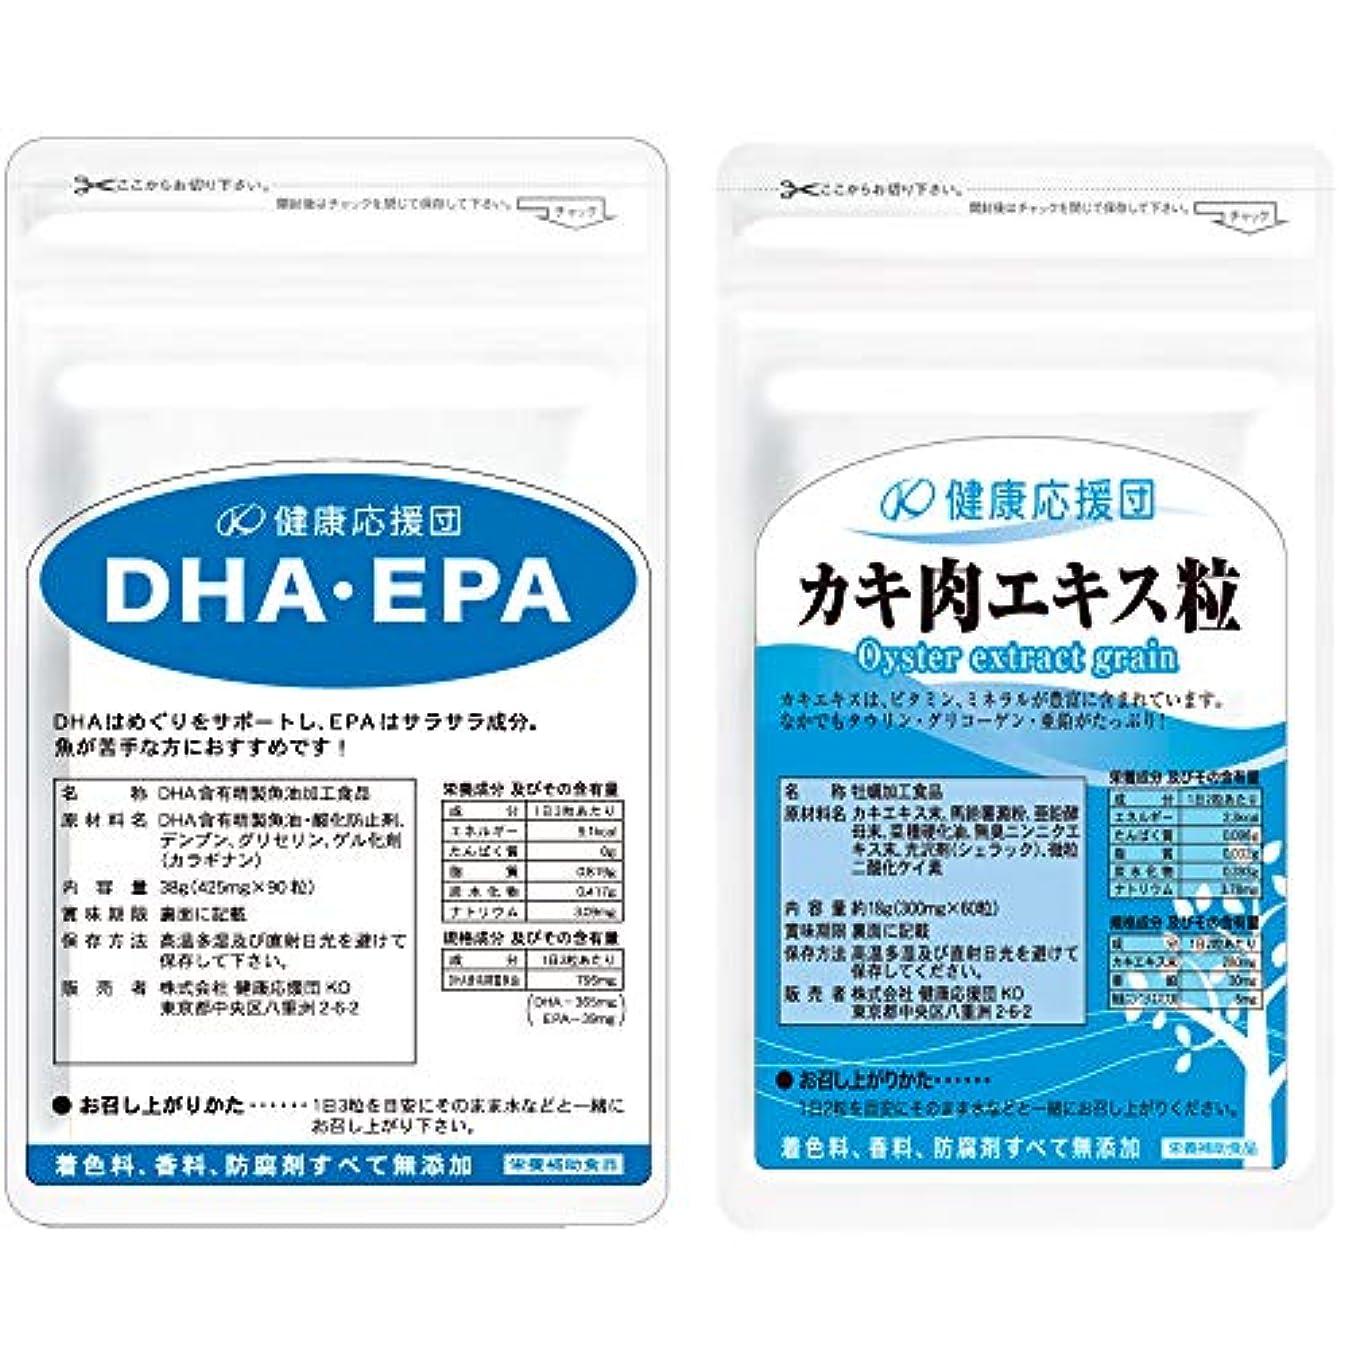 スズメバチ誓うステープル【DHA?EPA】&【濃縮牡蠣エキス粒】 肝臓の応援セット!肝臓の数値が高めの方にお勧め!